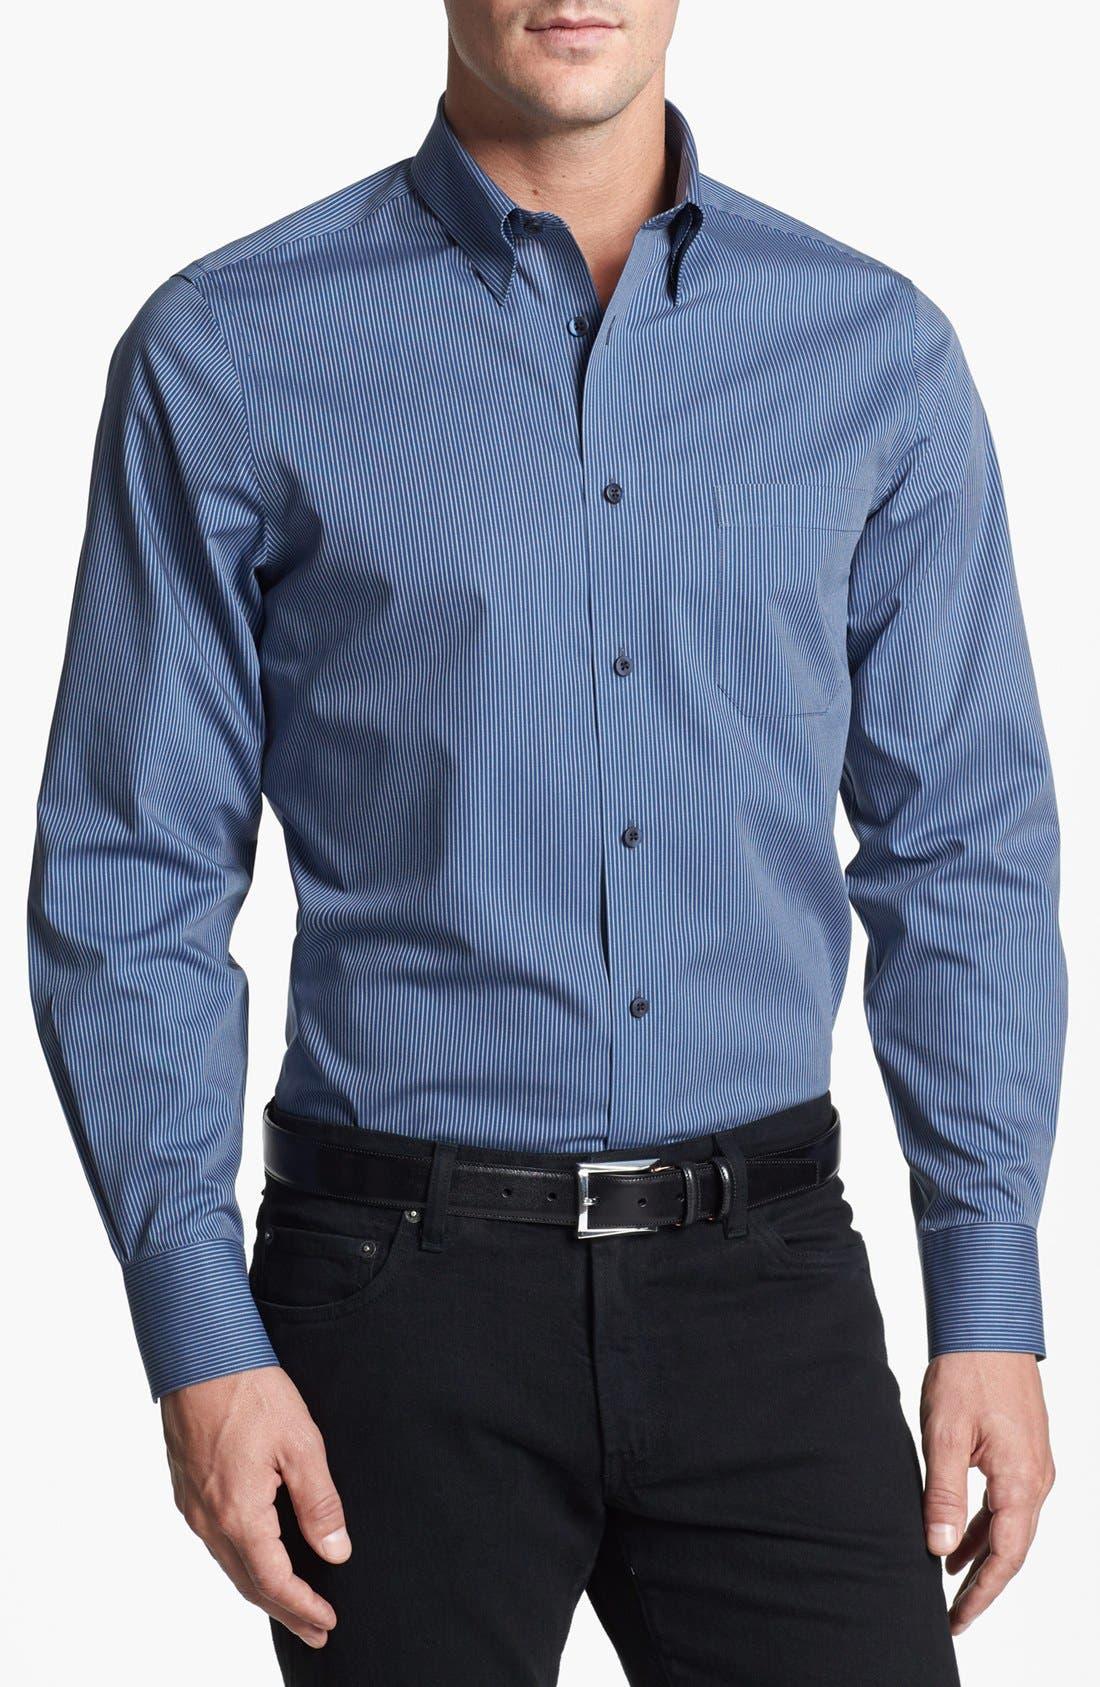 Alternate Image 1 Selected - Nordstrom Smartcare™ Striped Regular Fit Sport Shirt